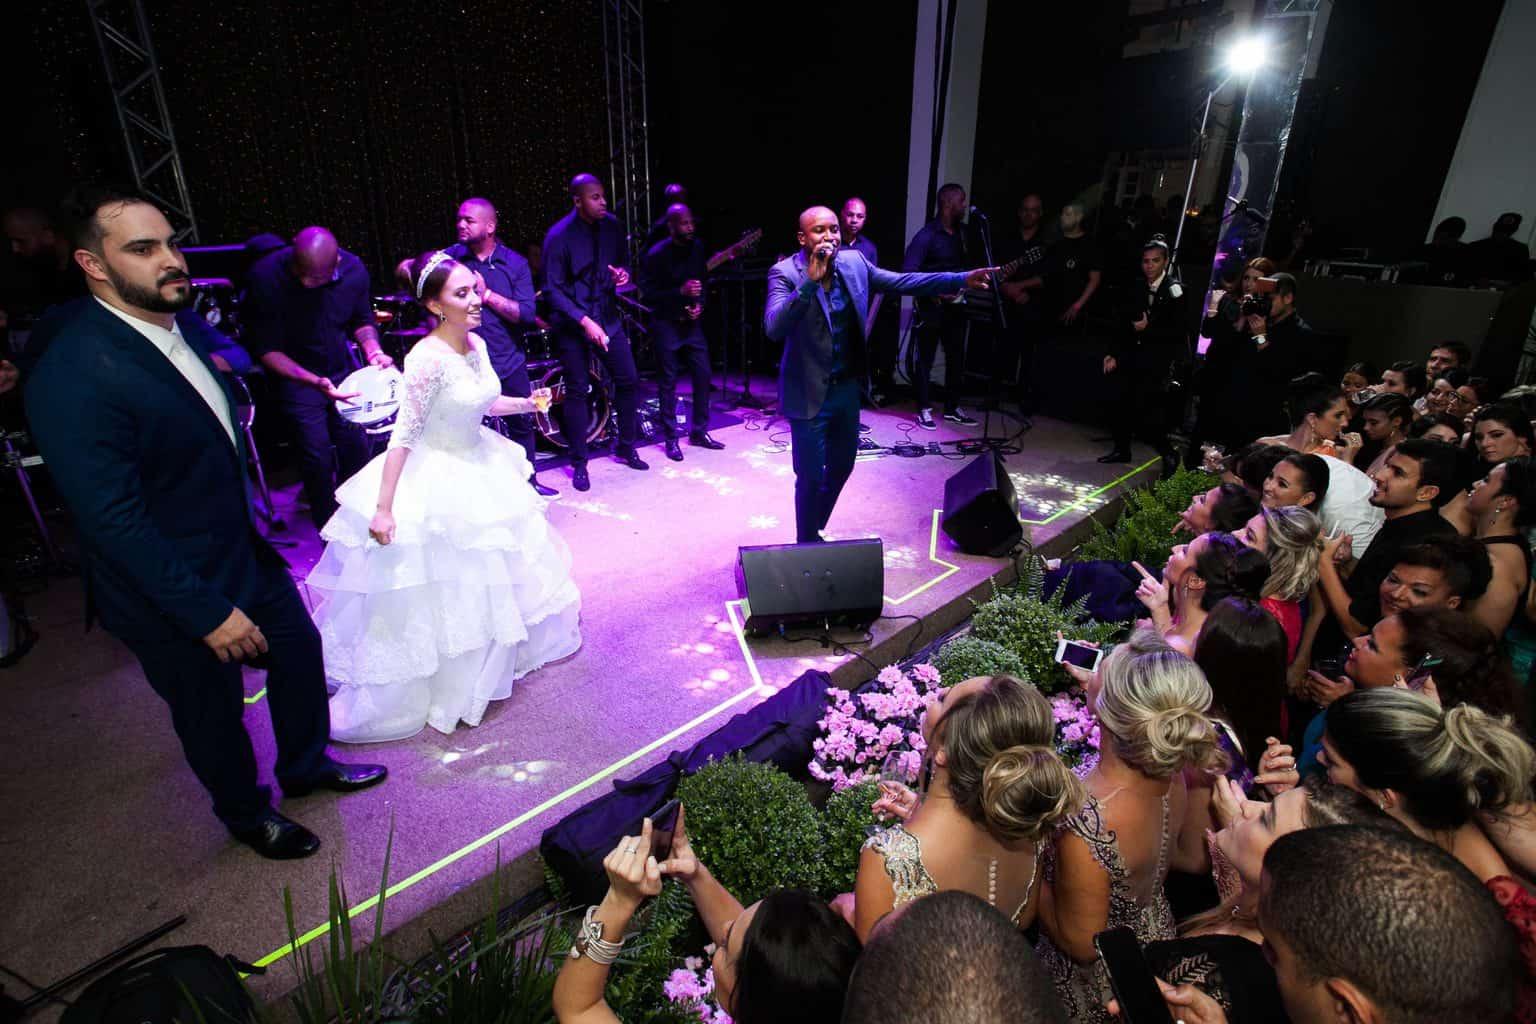 Casamento-Clássico-Casamento-tradicional-Copacabana-Palace-Monica-Roias-Ribas-Foto-e-Vídeo-Thiaguinho-Tuanny-e-Bernardo-CaseMe-6